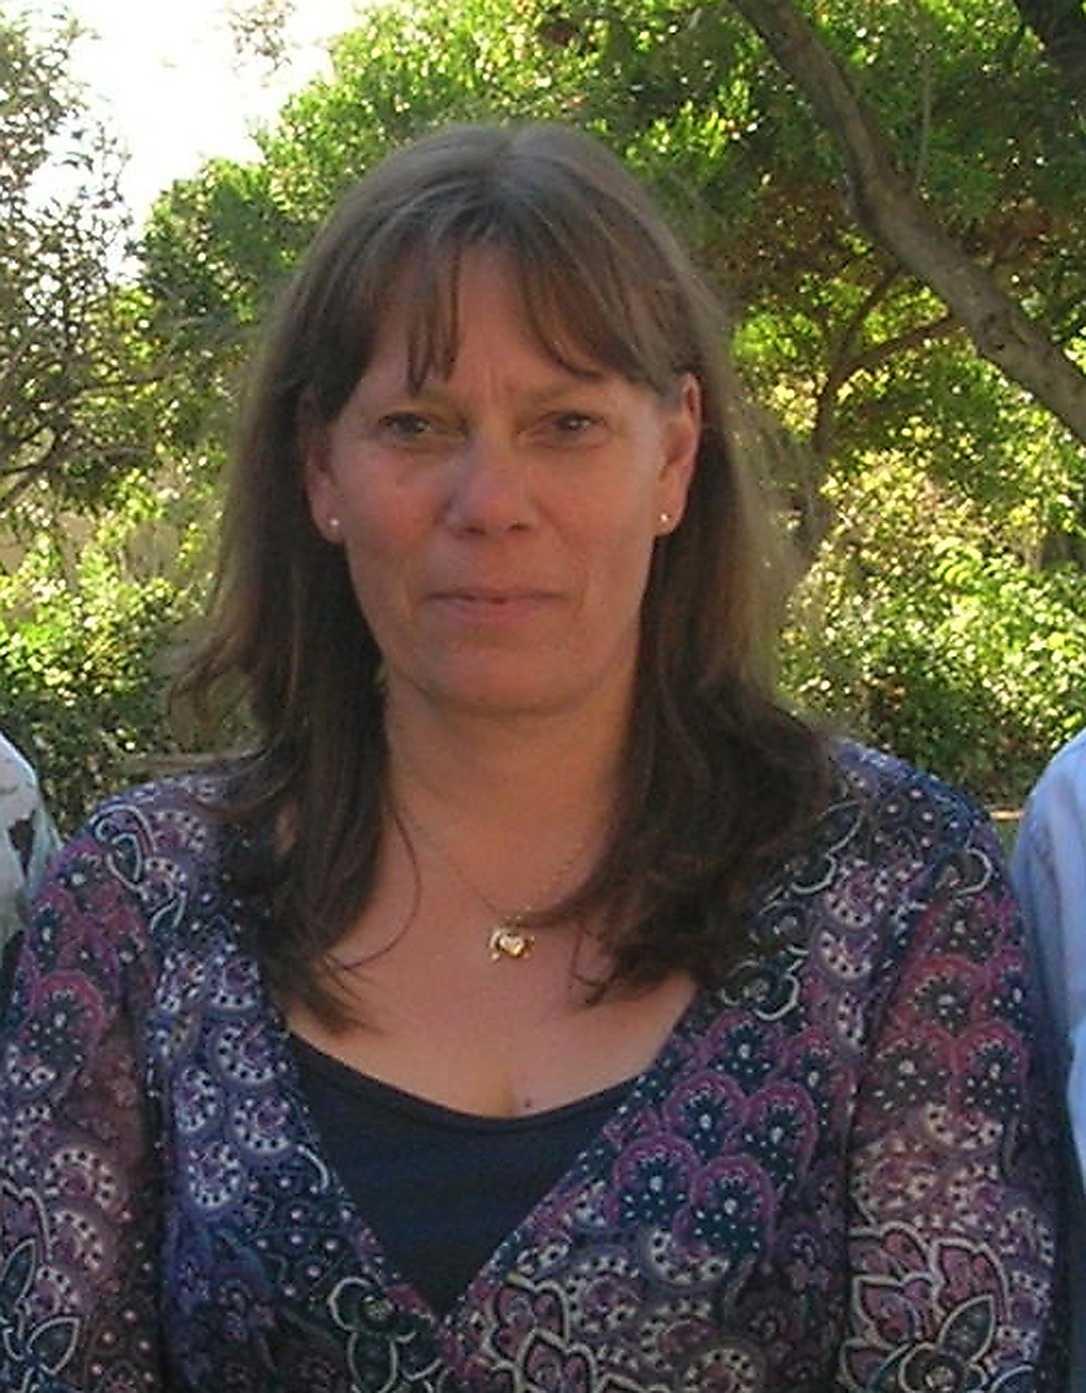 Laila Säfström, 49, vill ta sig hem till Sverige men vågar inte åka till flygplatsen.